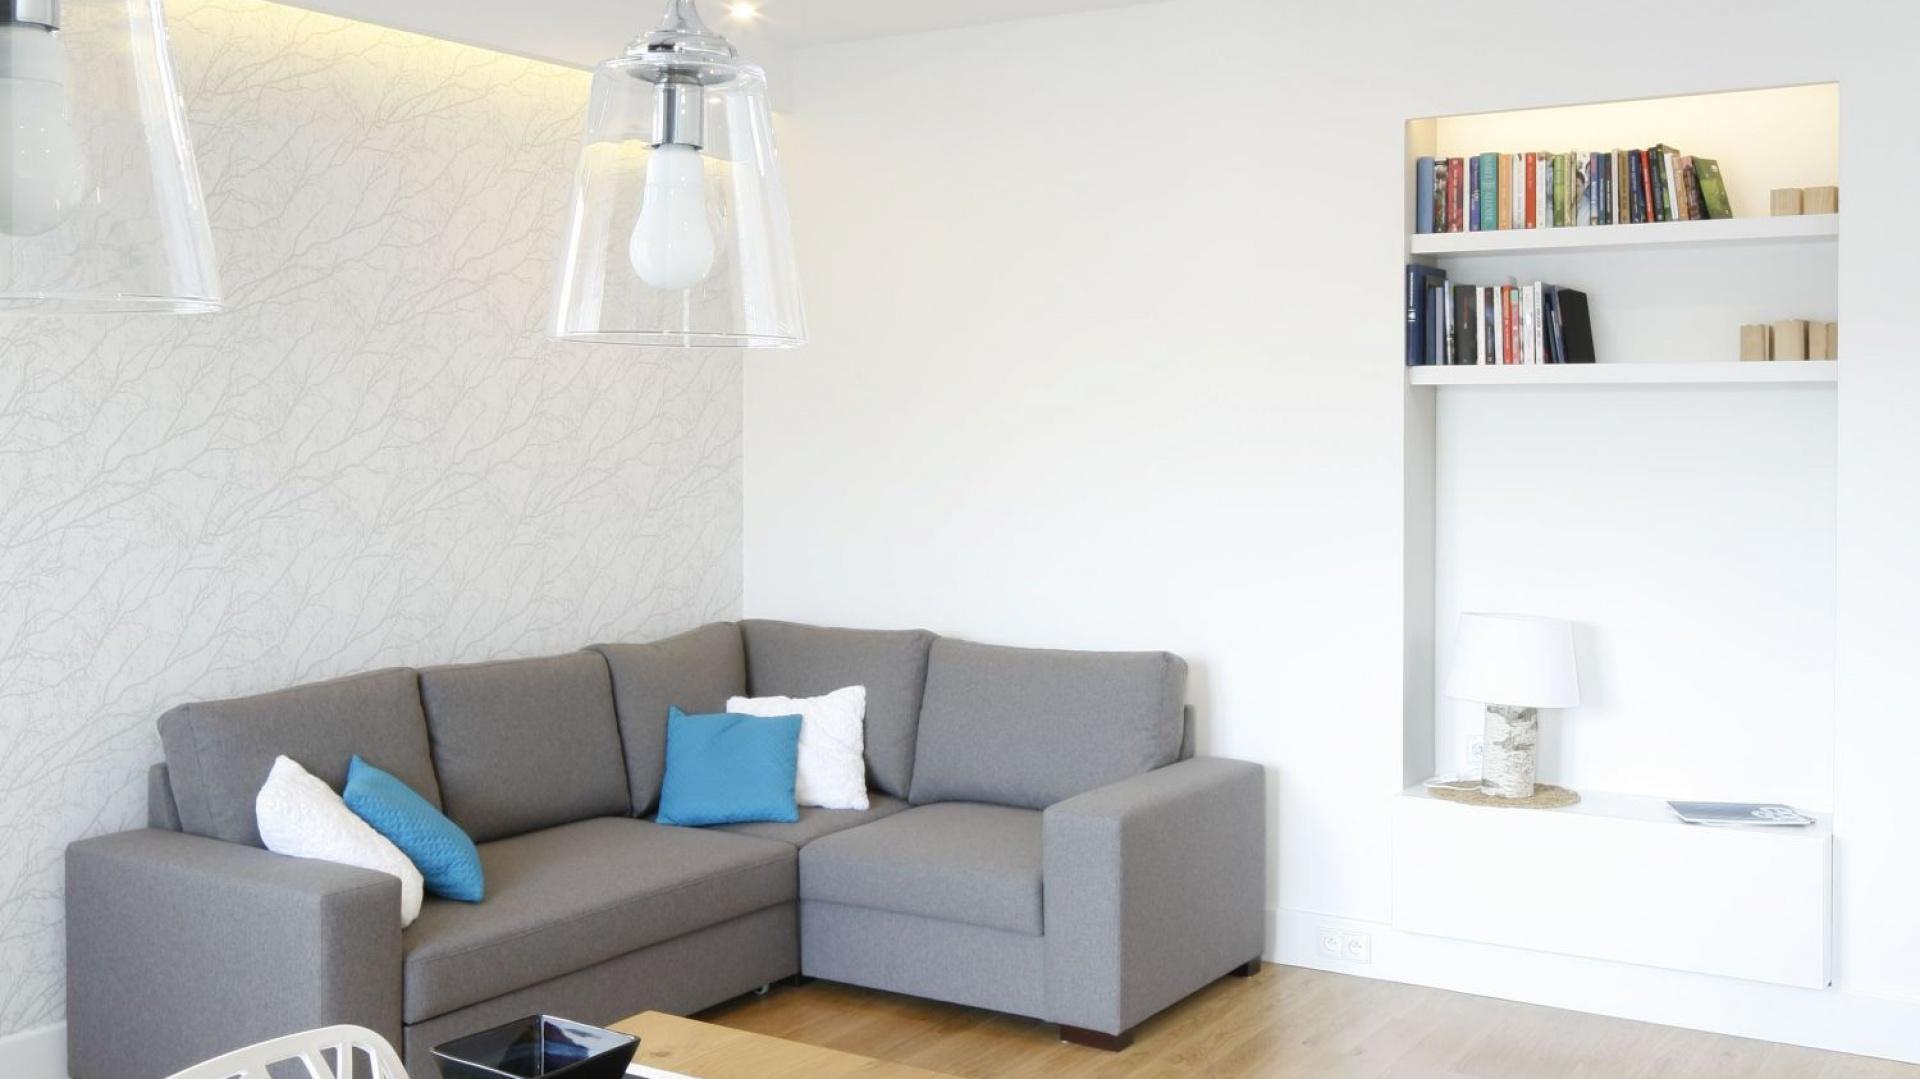 W niewielkim mieszkaniu w bloku strefę wypoczynku stanowi niewielki narożnik w szarym kolorze ustawiony na tle białych ścian. Projekt: Agnieszka Zaremba i Magdalena Kostrzewa-Świątek. Fot. Bartosz Jarosz.